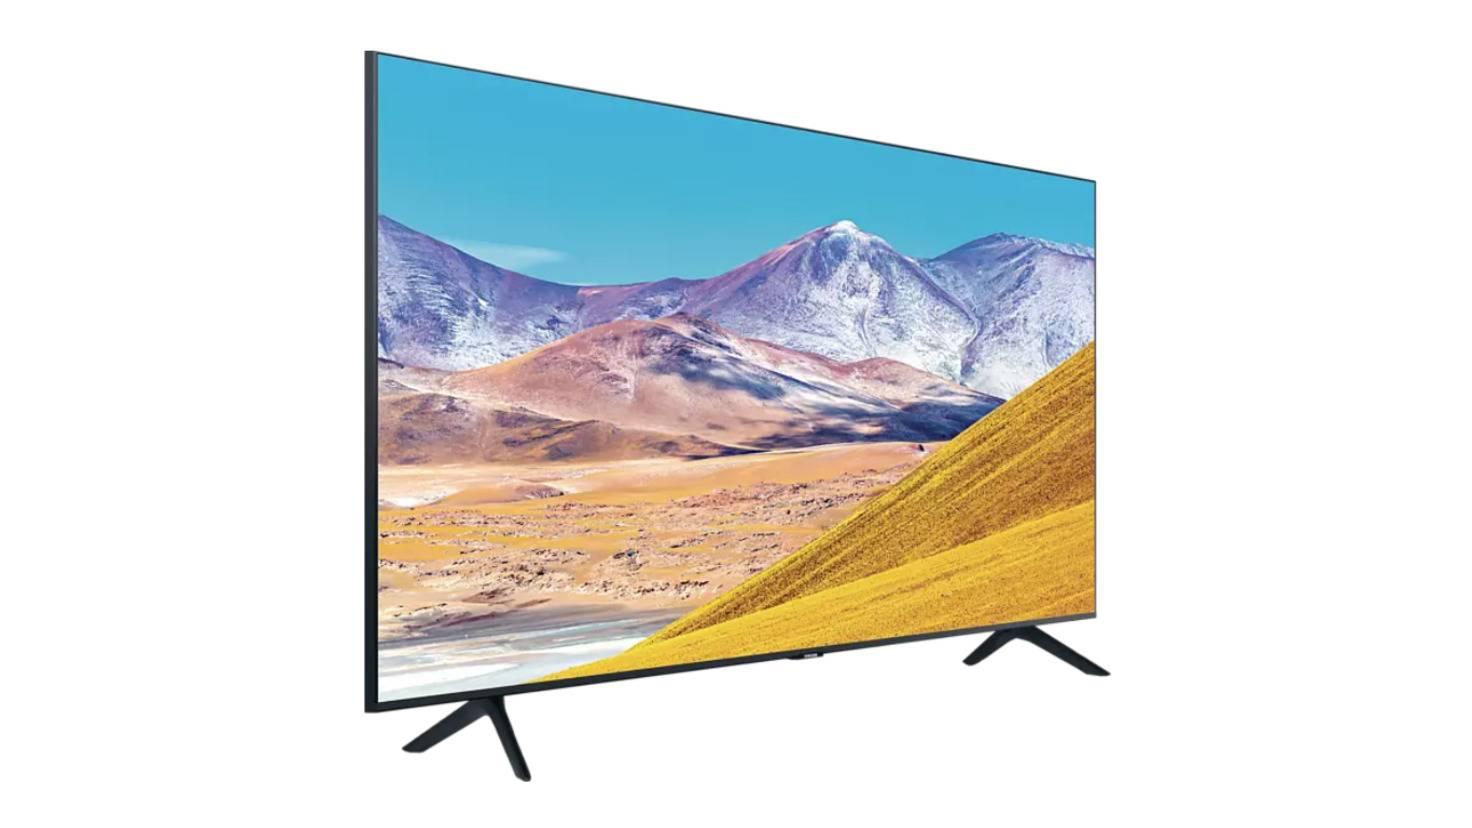 Samsung-GU-TU-8079-TV-Fernseher